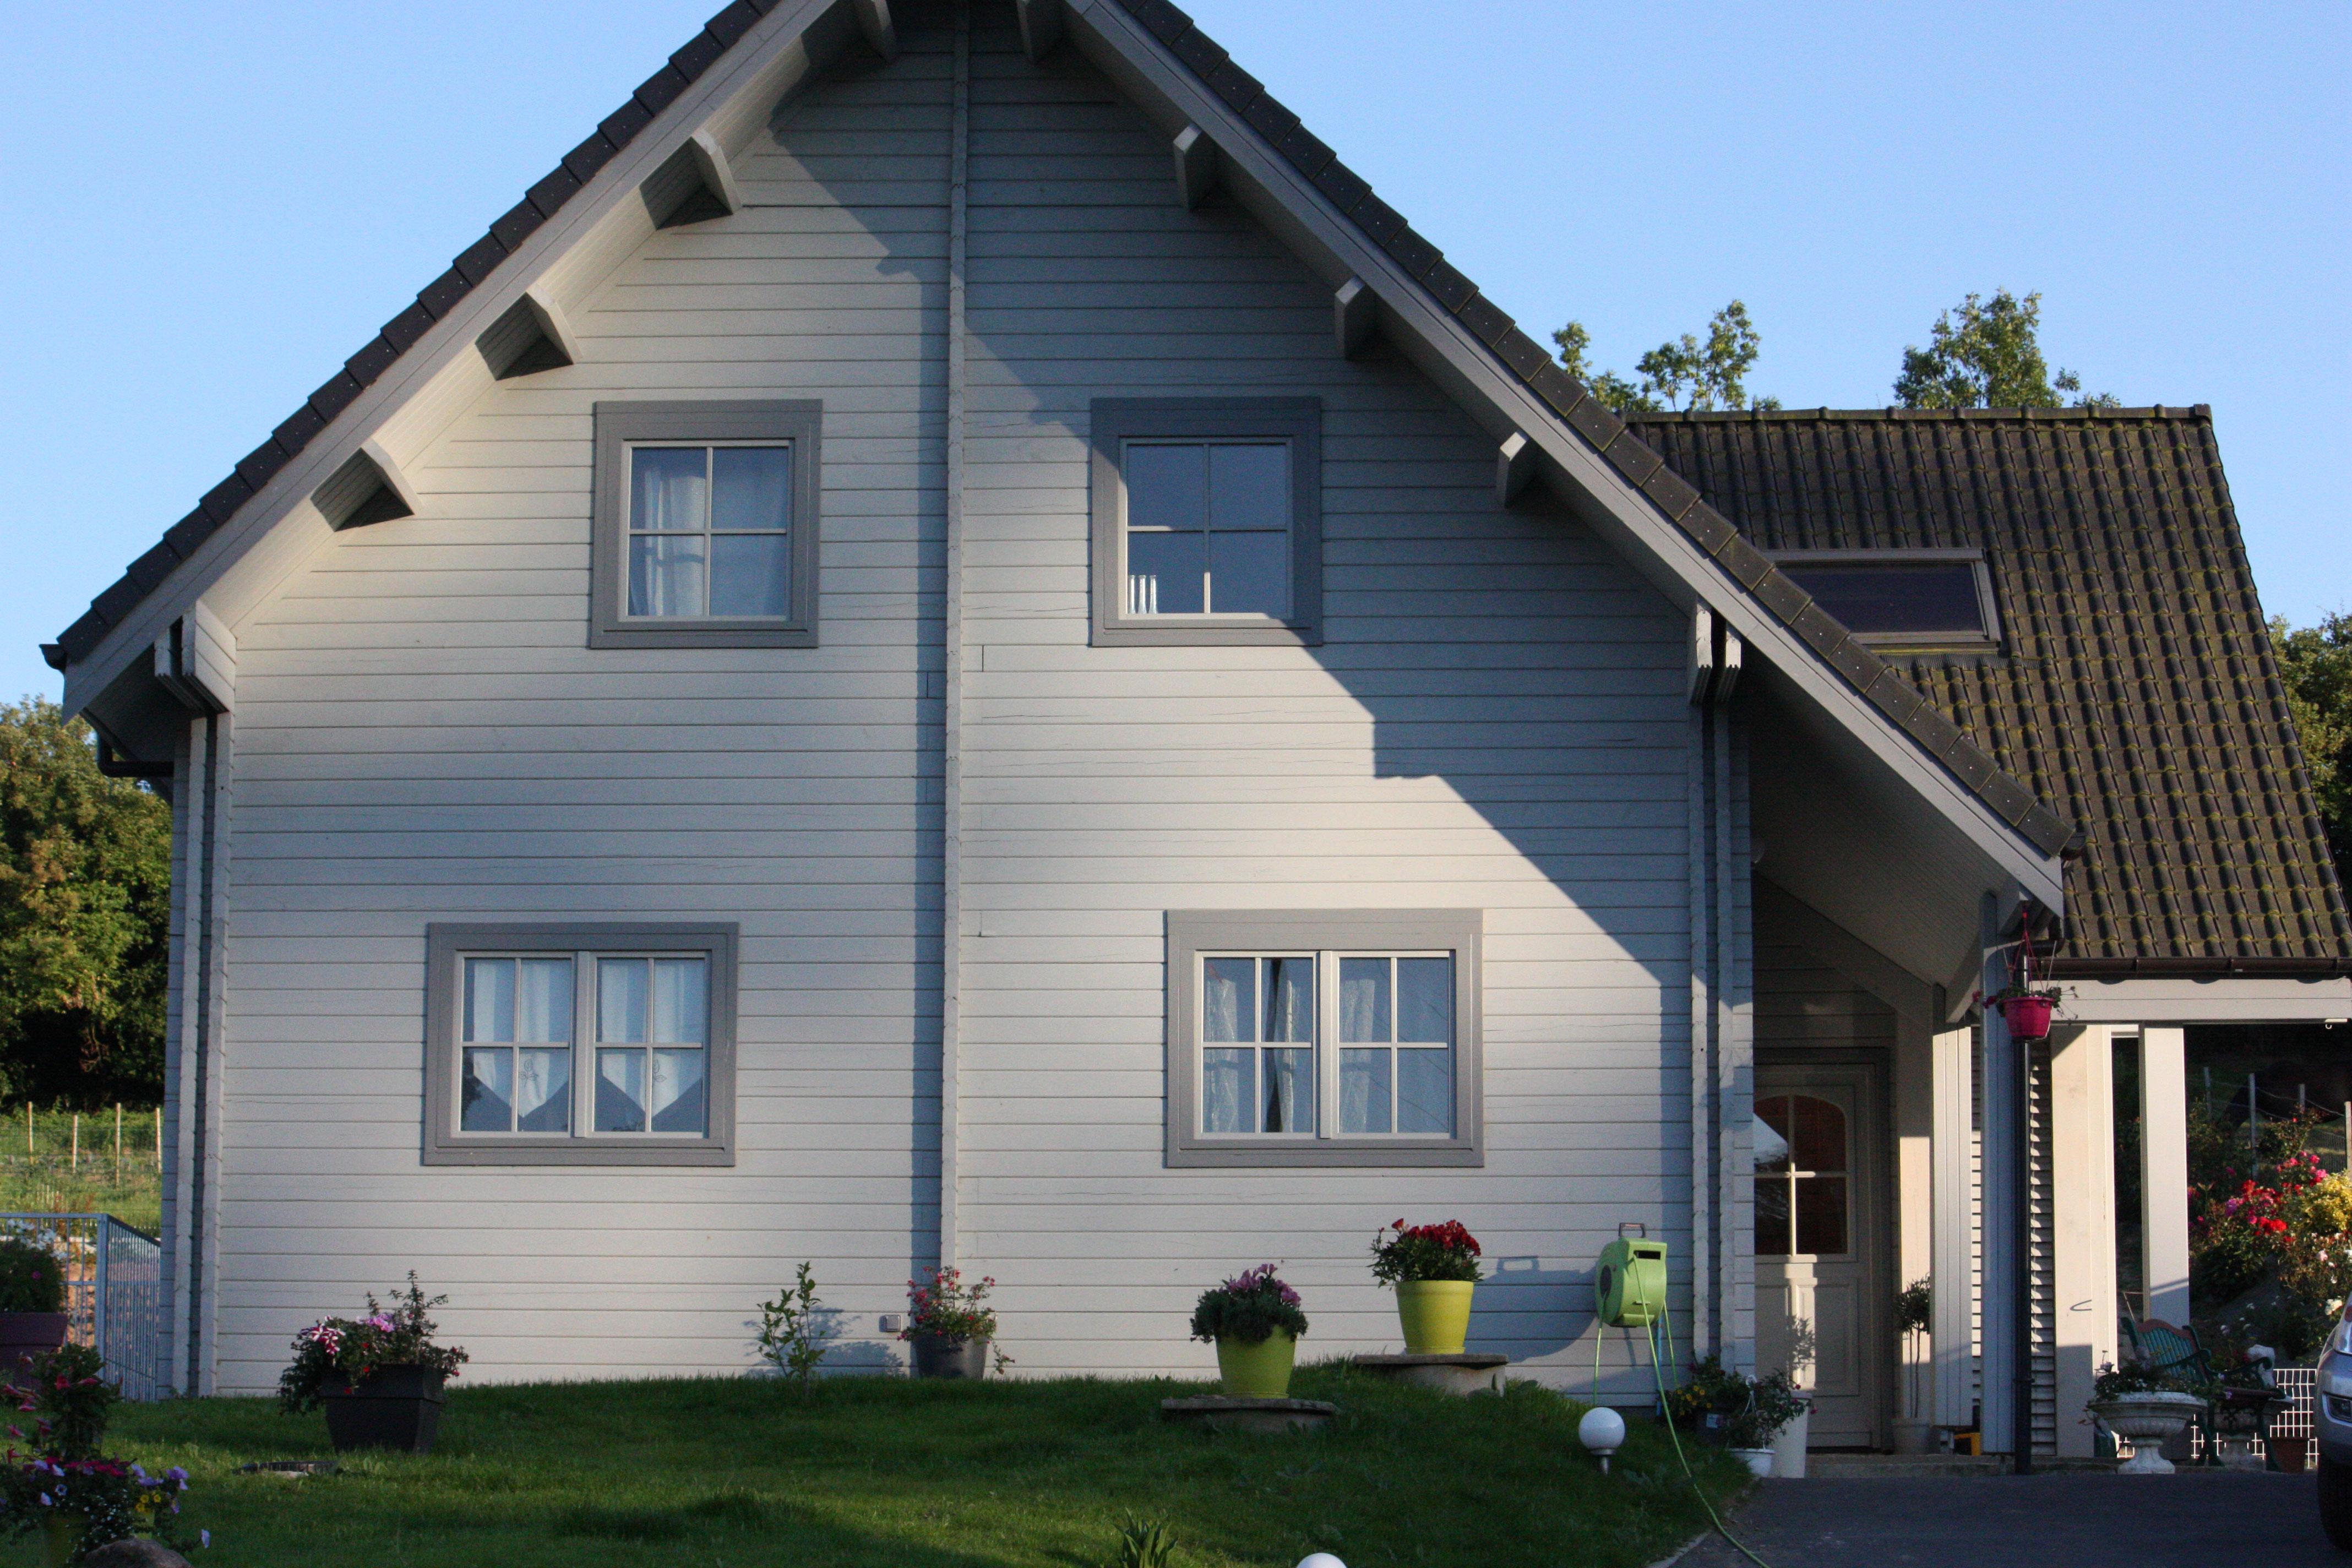 Construction maison en madrier de bois et maison en bois pas cher - Estimation toiture maison ...